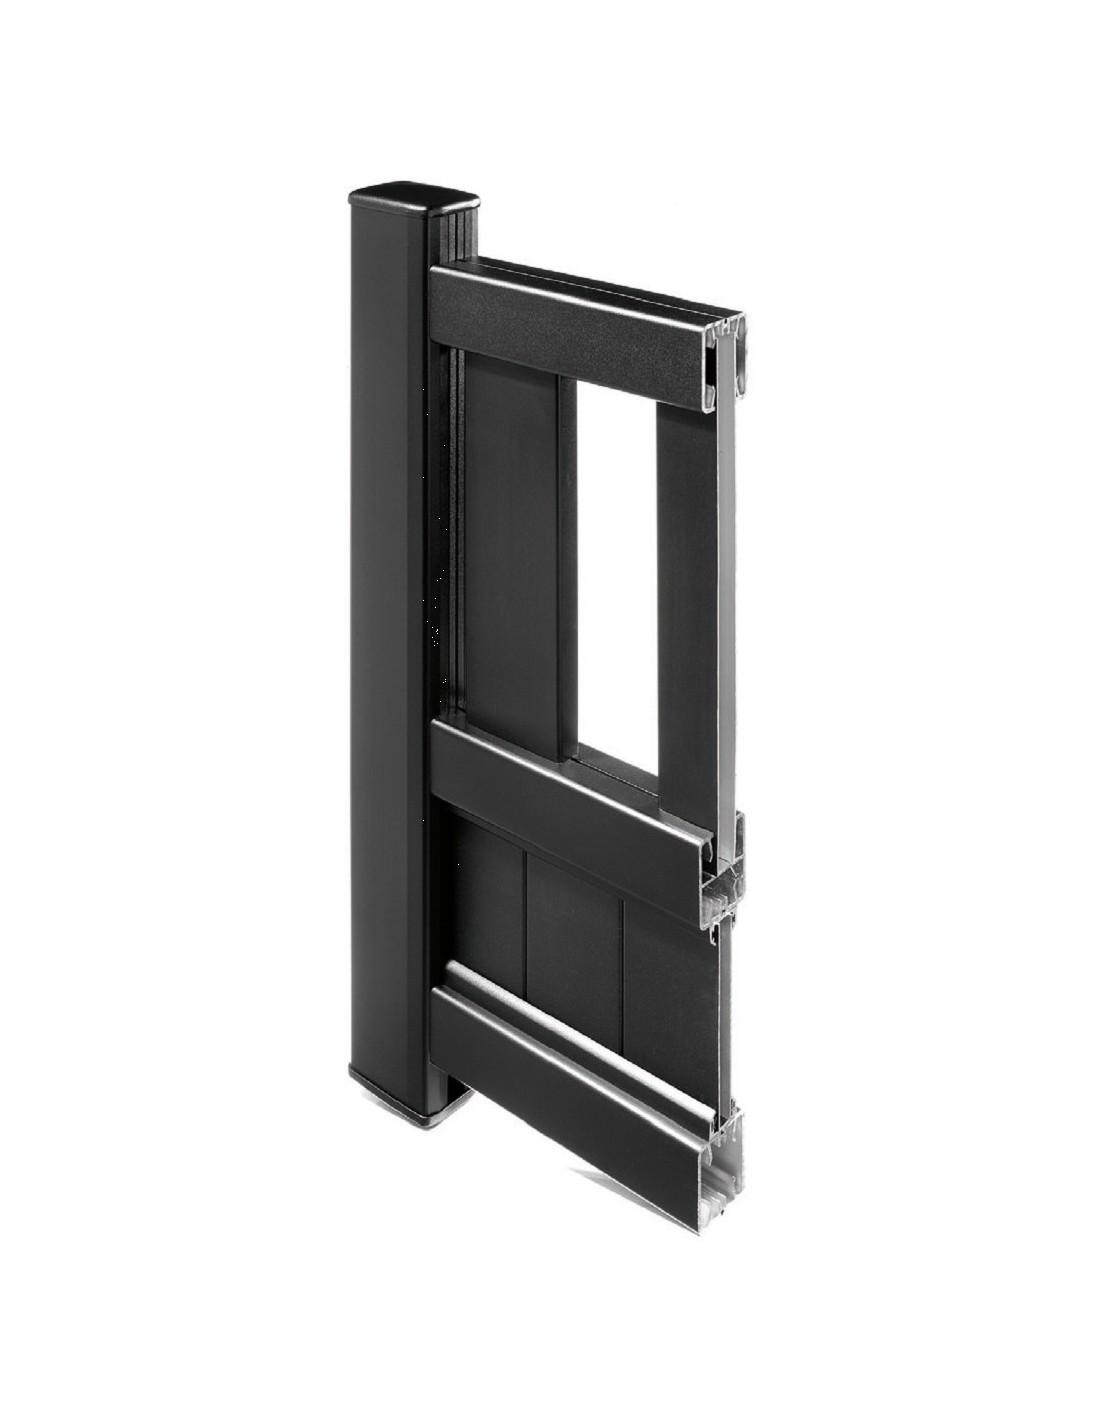 portail coulissant semi ajour droit 3000x1200. Black Bedroom Furniture Sets. Home Design Ideas